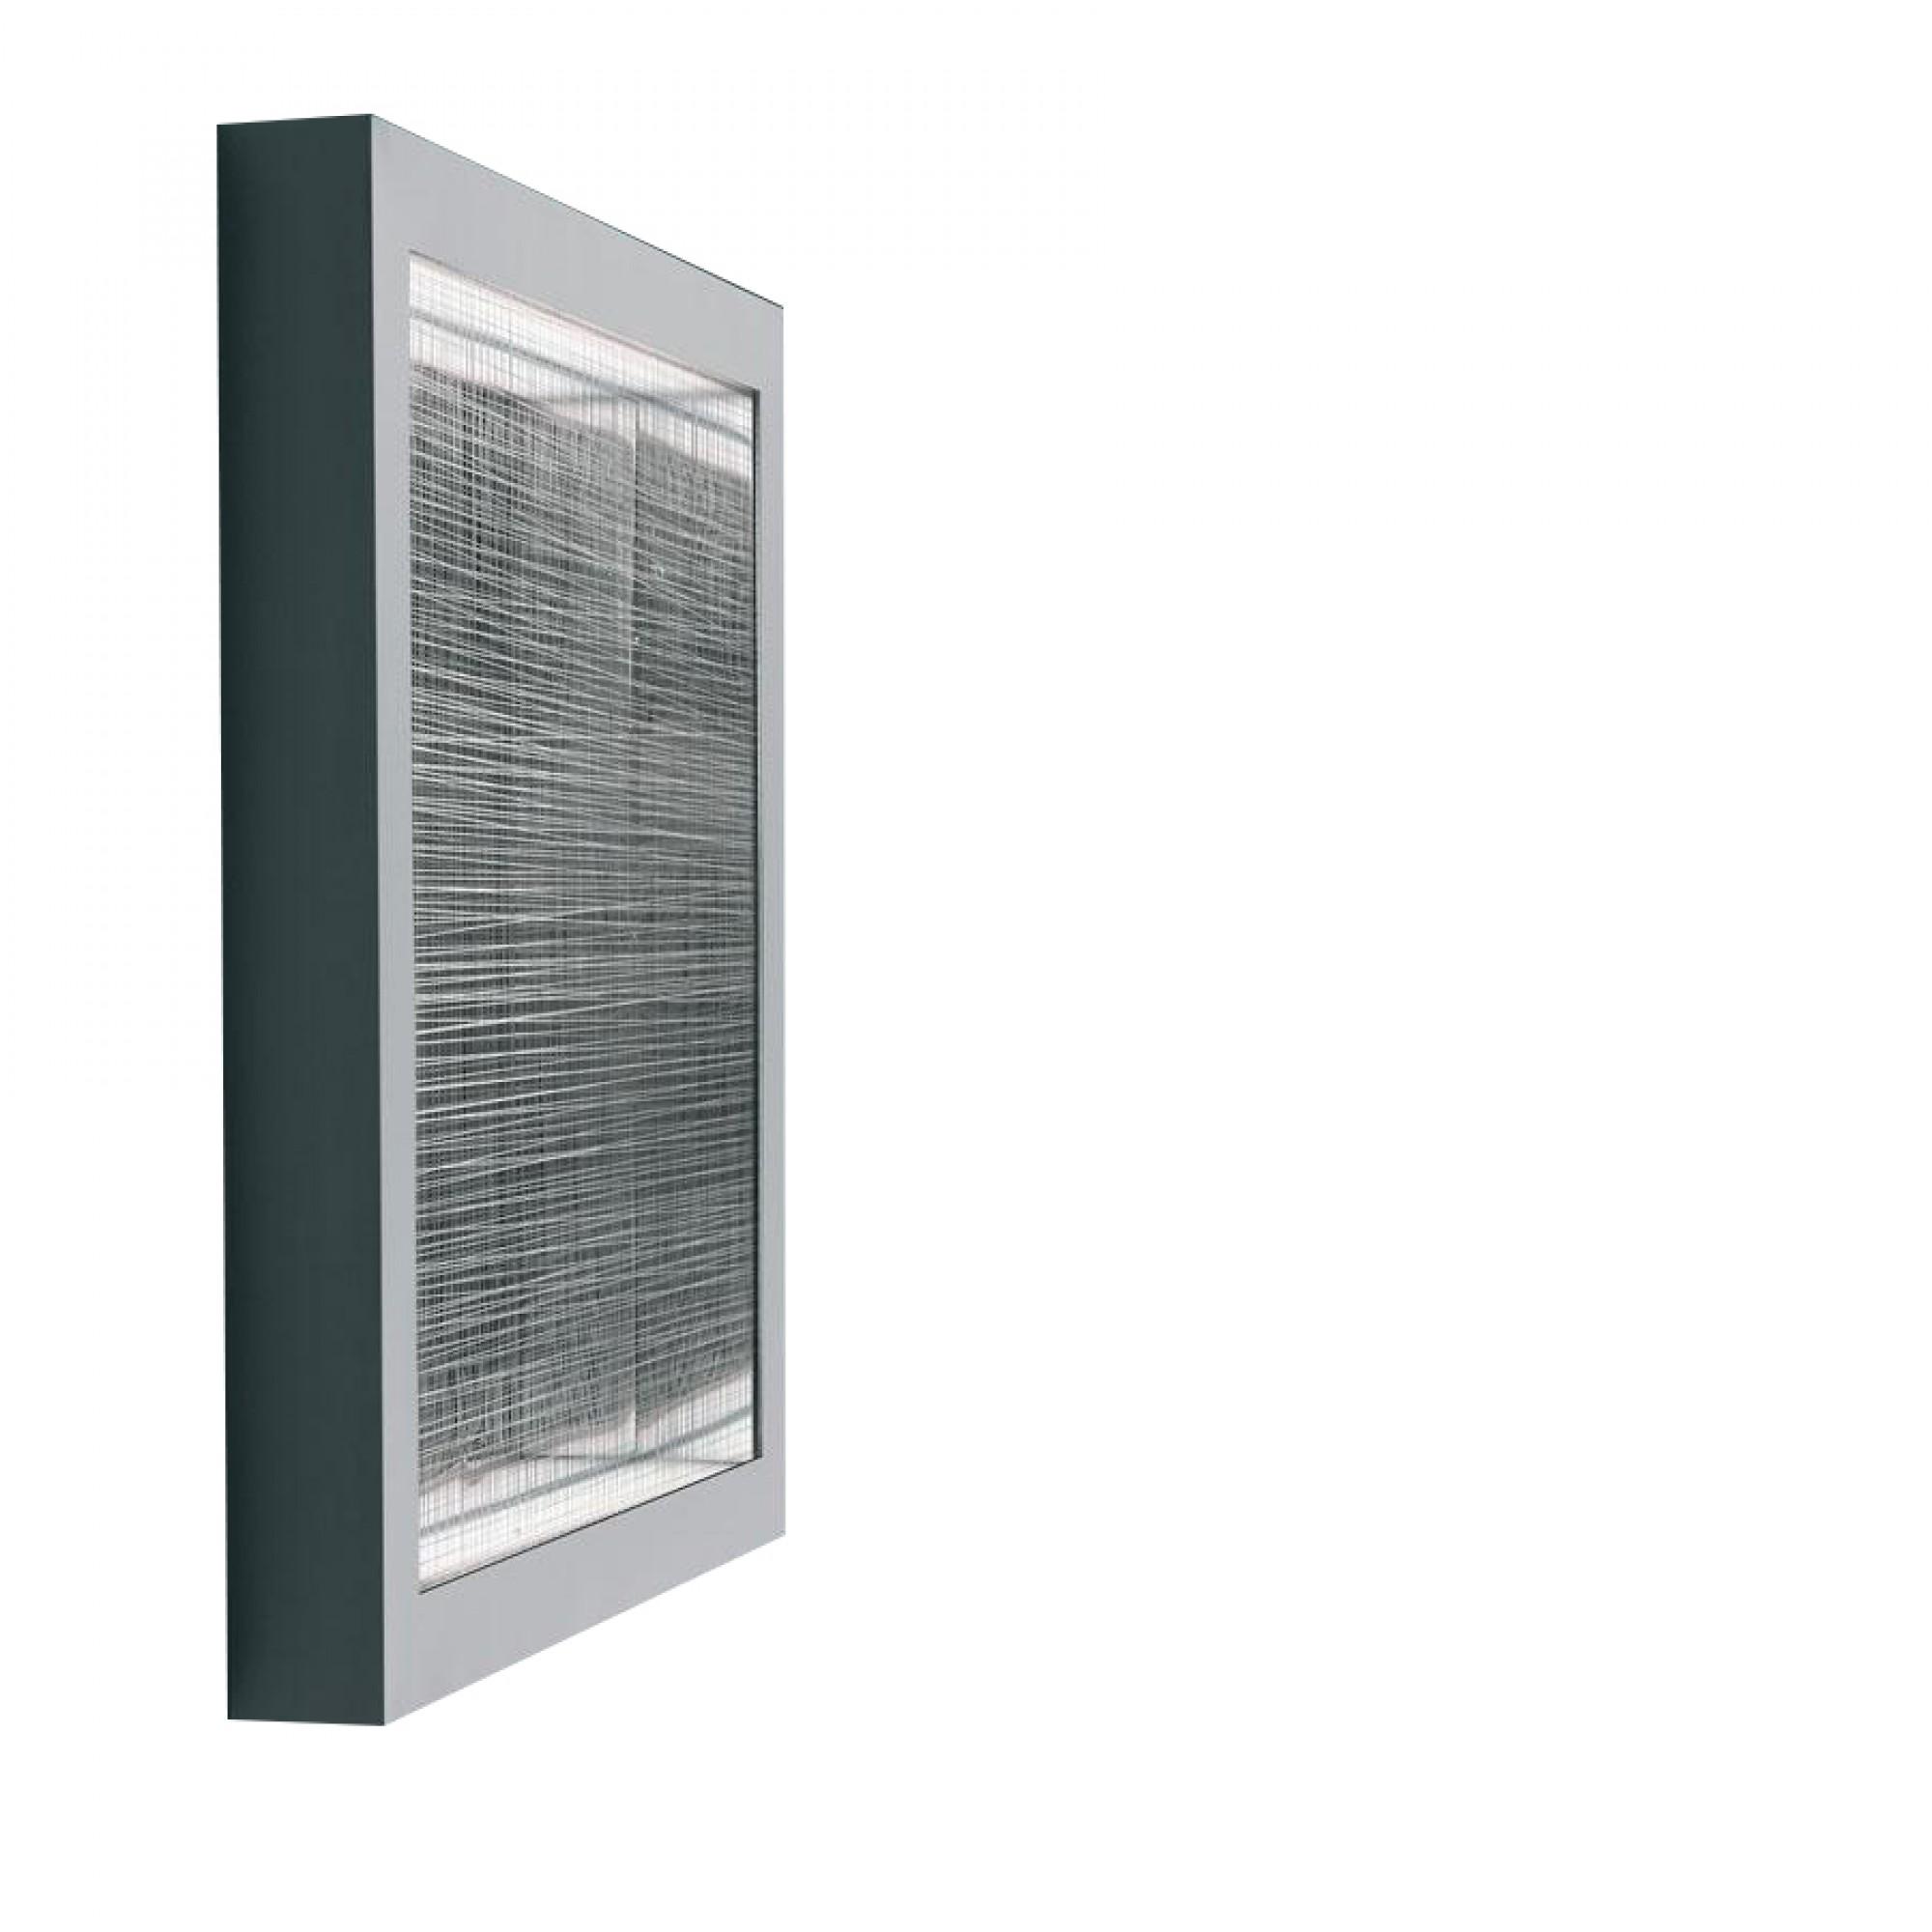 ALTROVE KROM PLAFONYER / APLIK - AMD.1352050A -  ALTROVE KROM PLAFONYER / APLIK